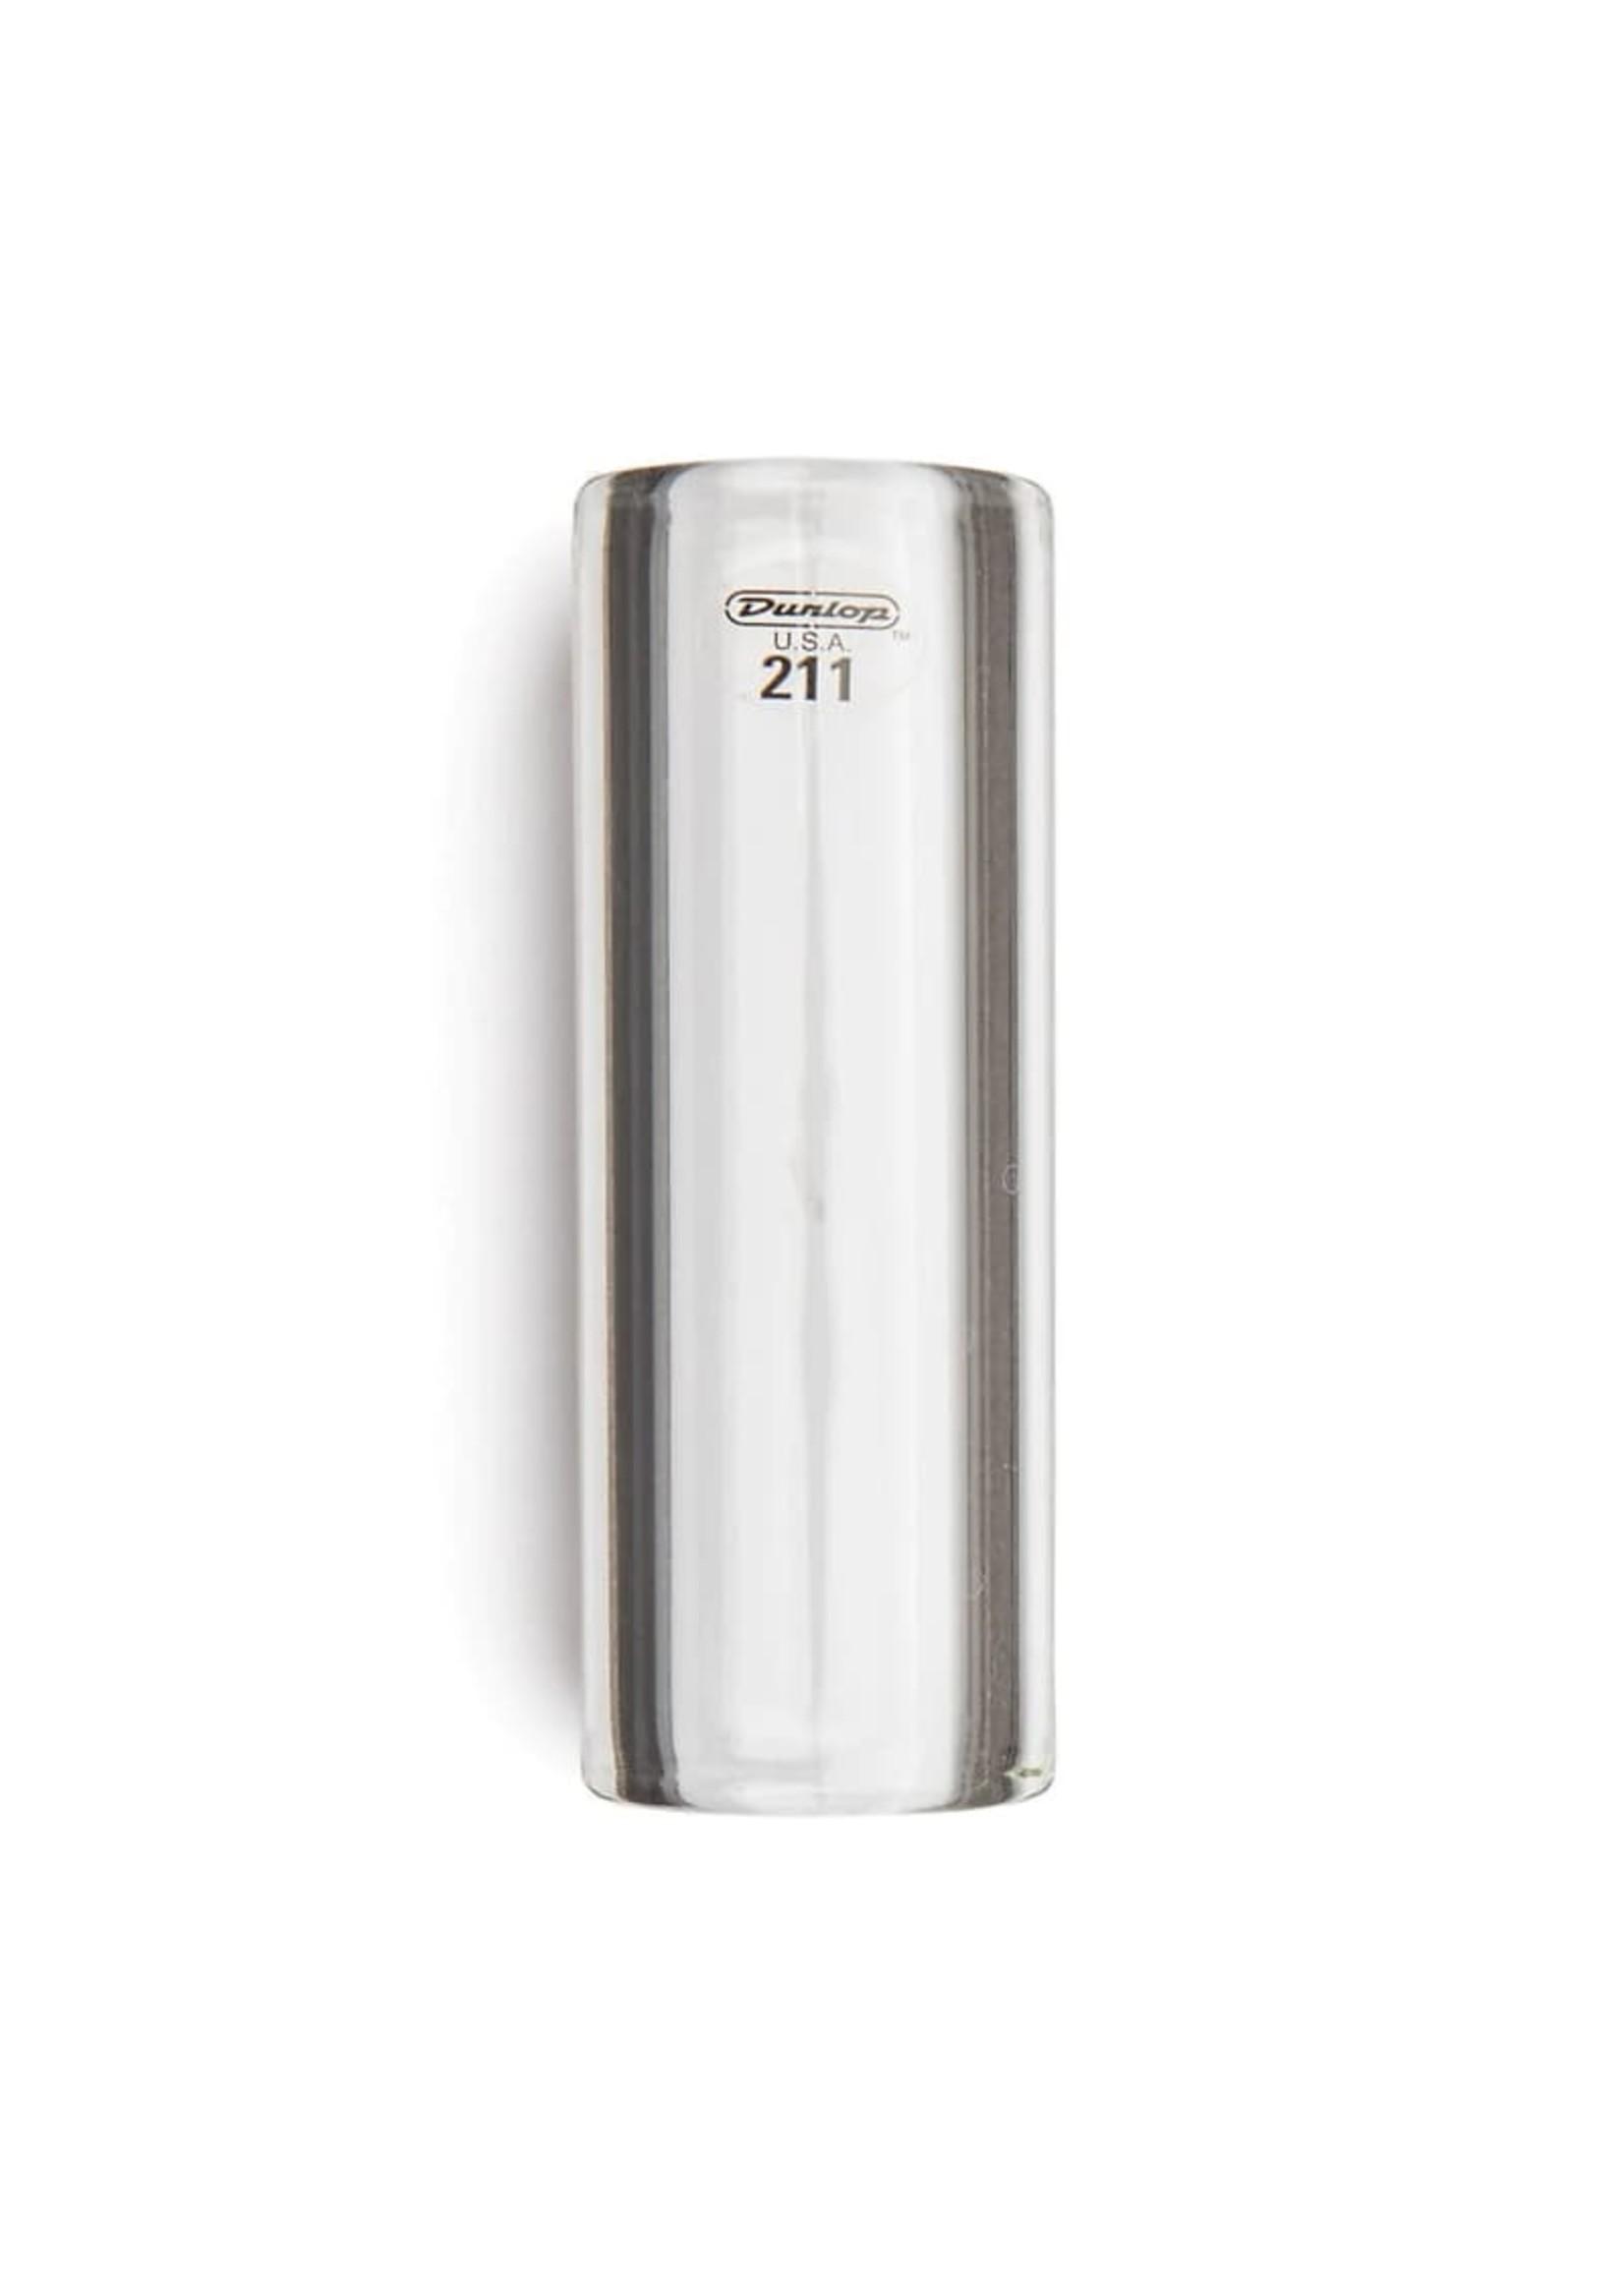 Dunlop Dunlop 211 HEAVY WALL SMALL GLASS SLIDE